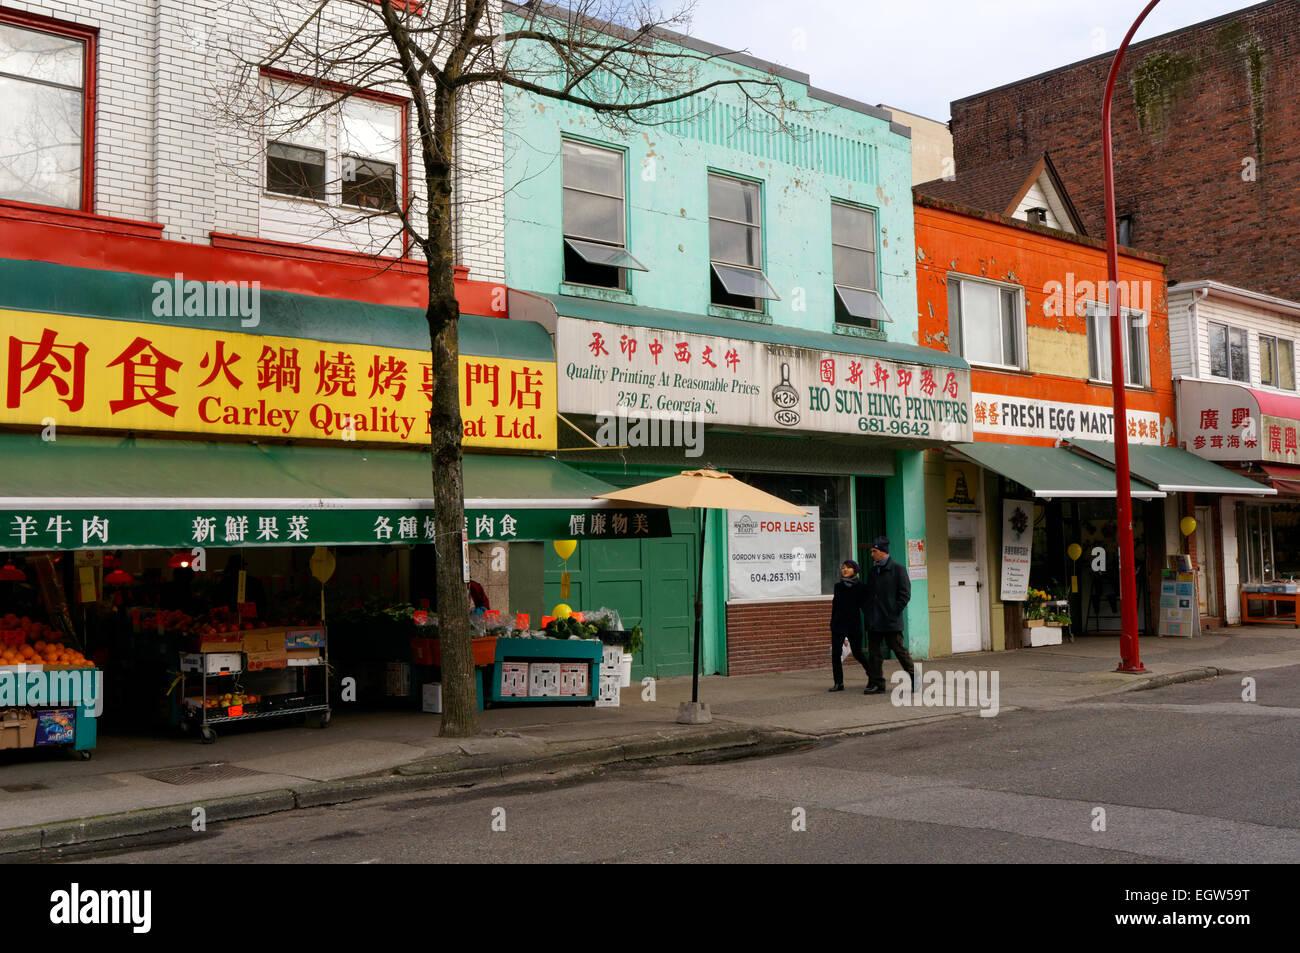 Un couple en passant devant les vitrines colorées sur la rue Keefer dans Chinatown, Vancouver, BC, Canada Photo Stock